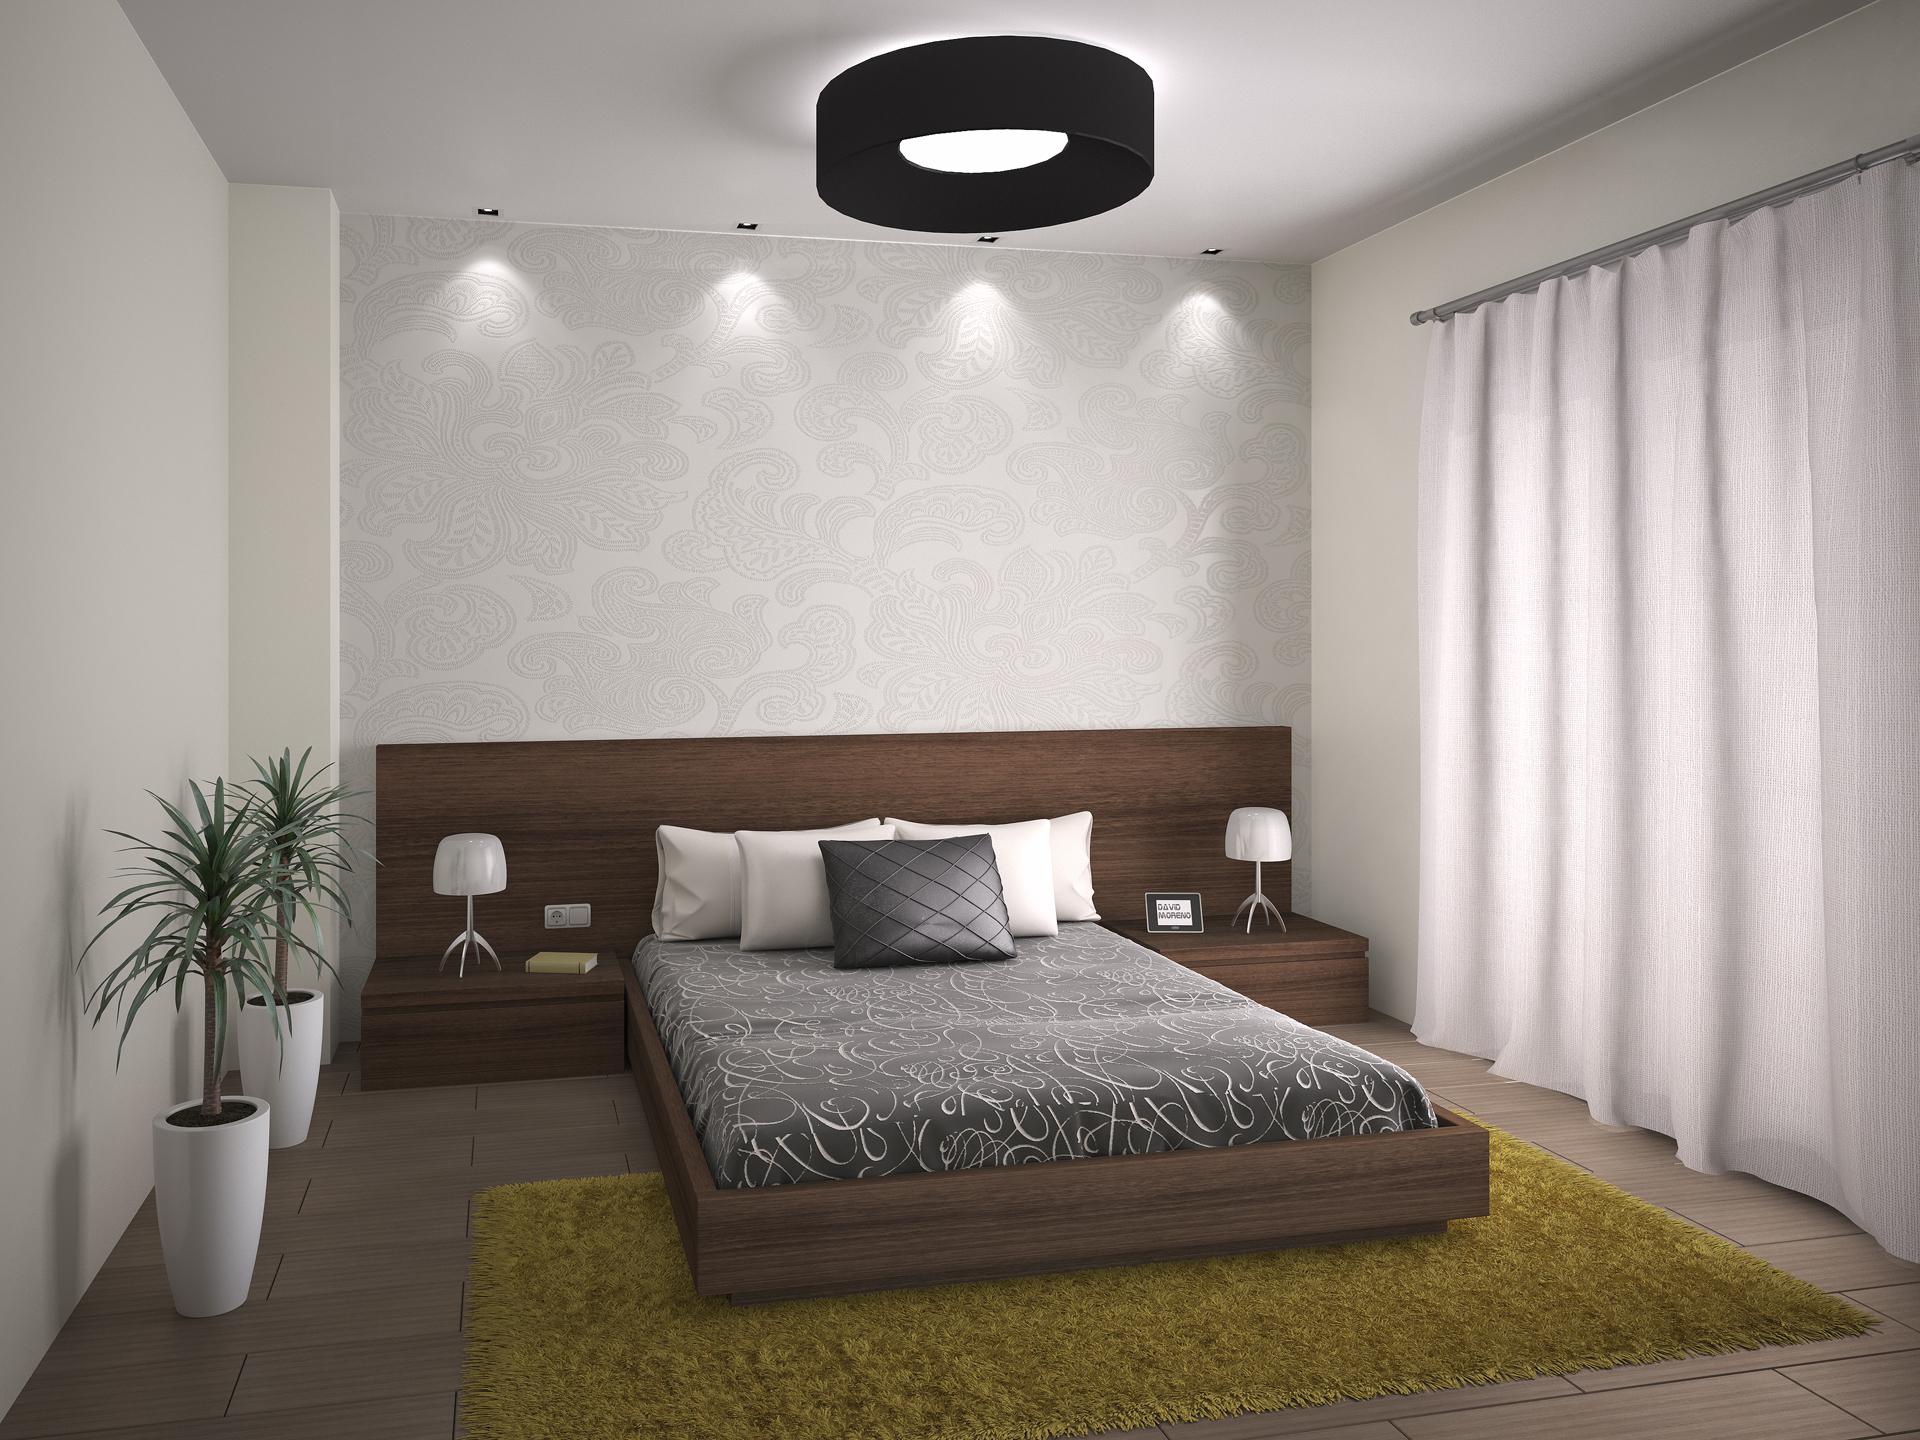 Proyecto de interiorismo en dormitorio. Habitación de matrimonio